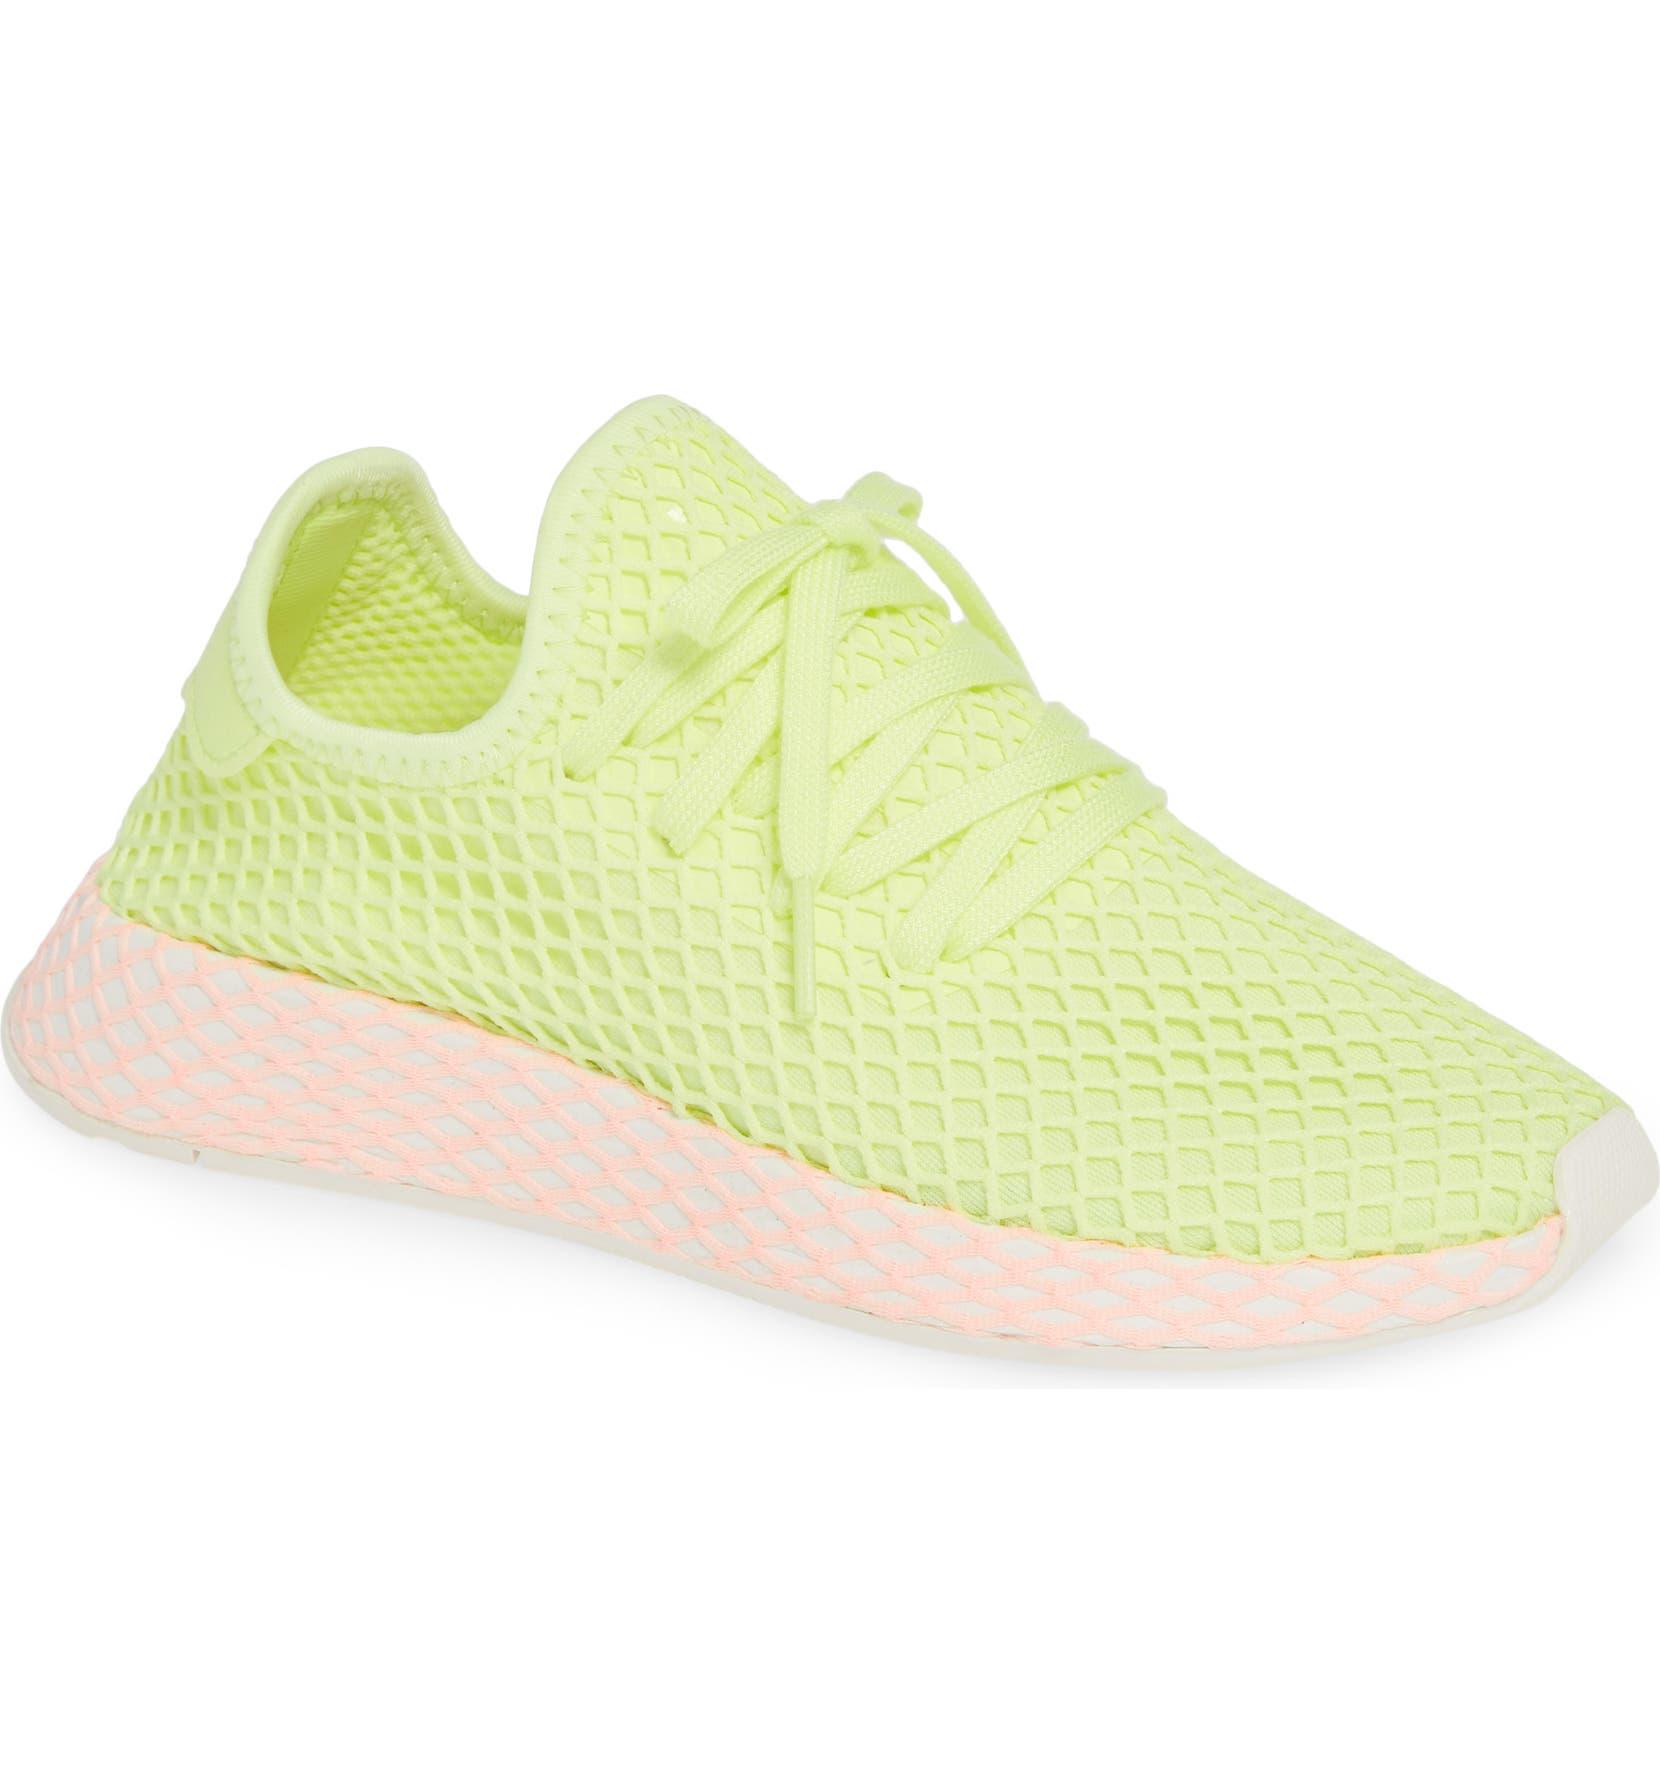 brand new 78bec 02534 adidas Deerupt Runner Sneaker (Women)  Nordstrom